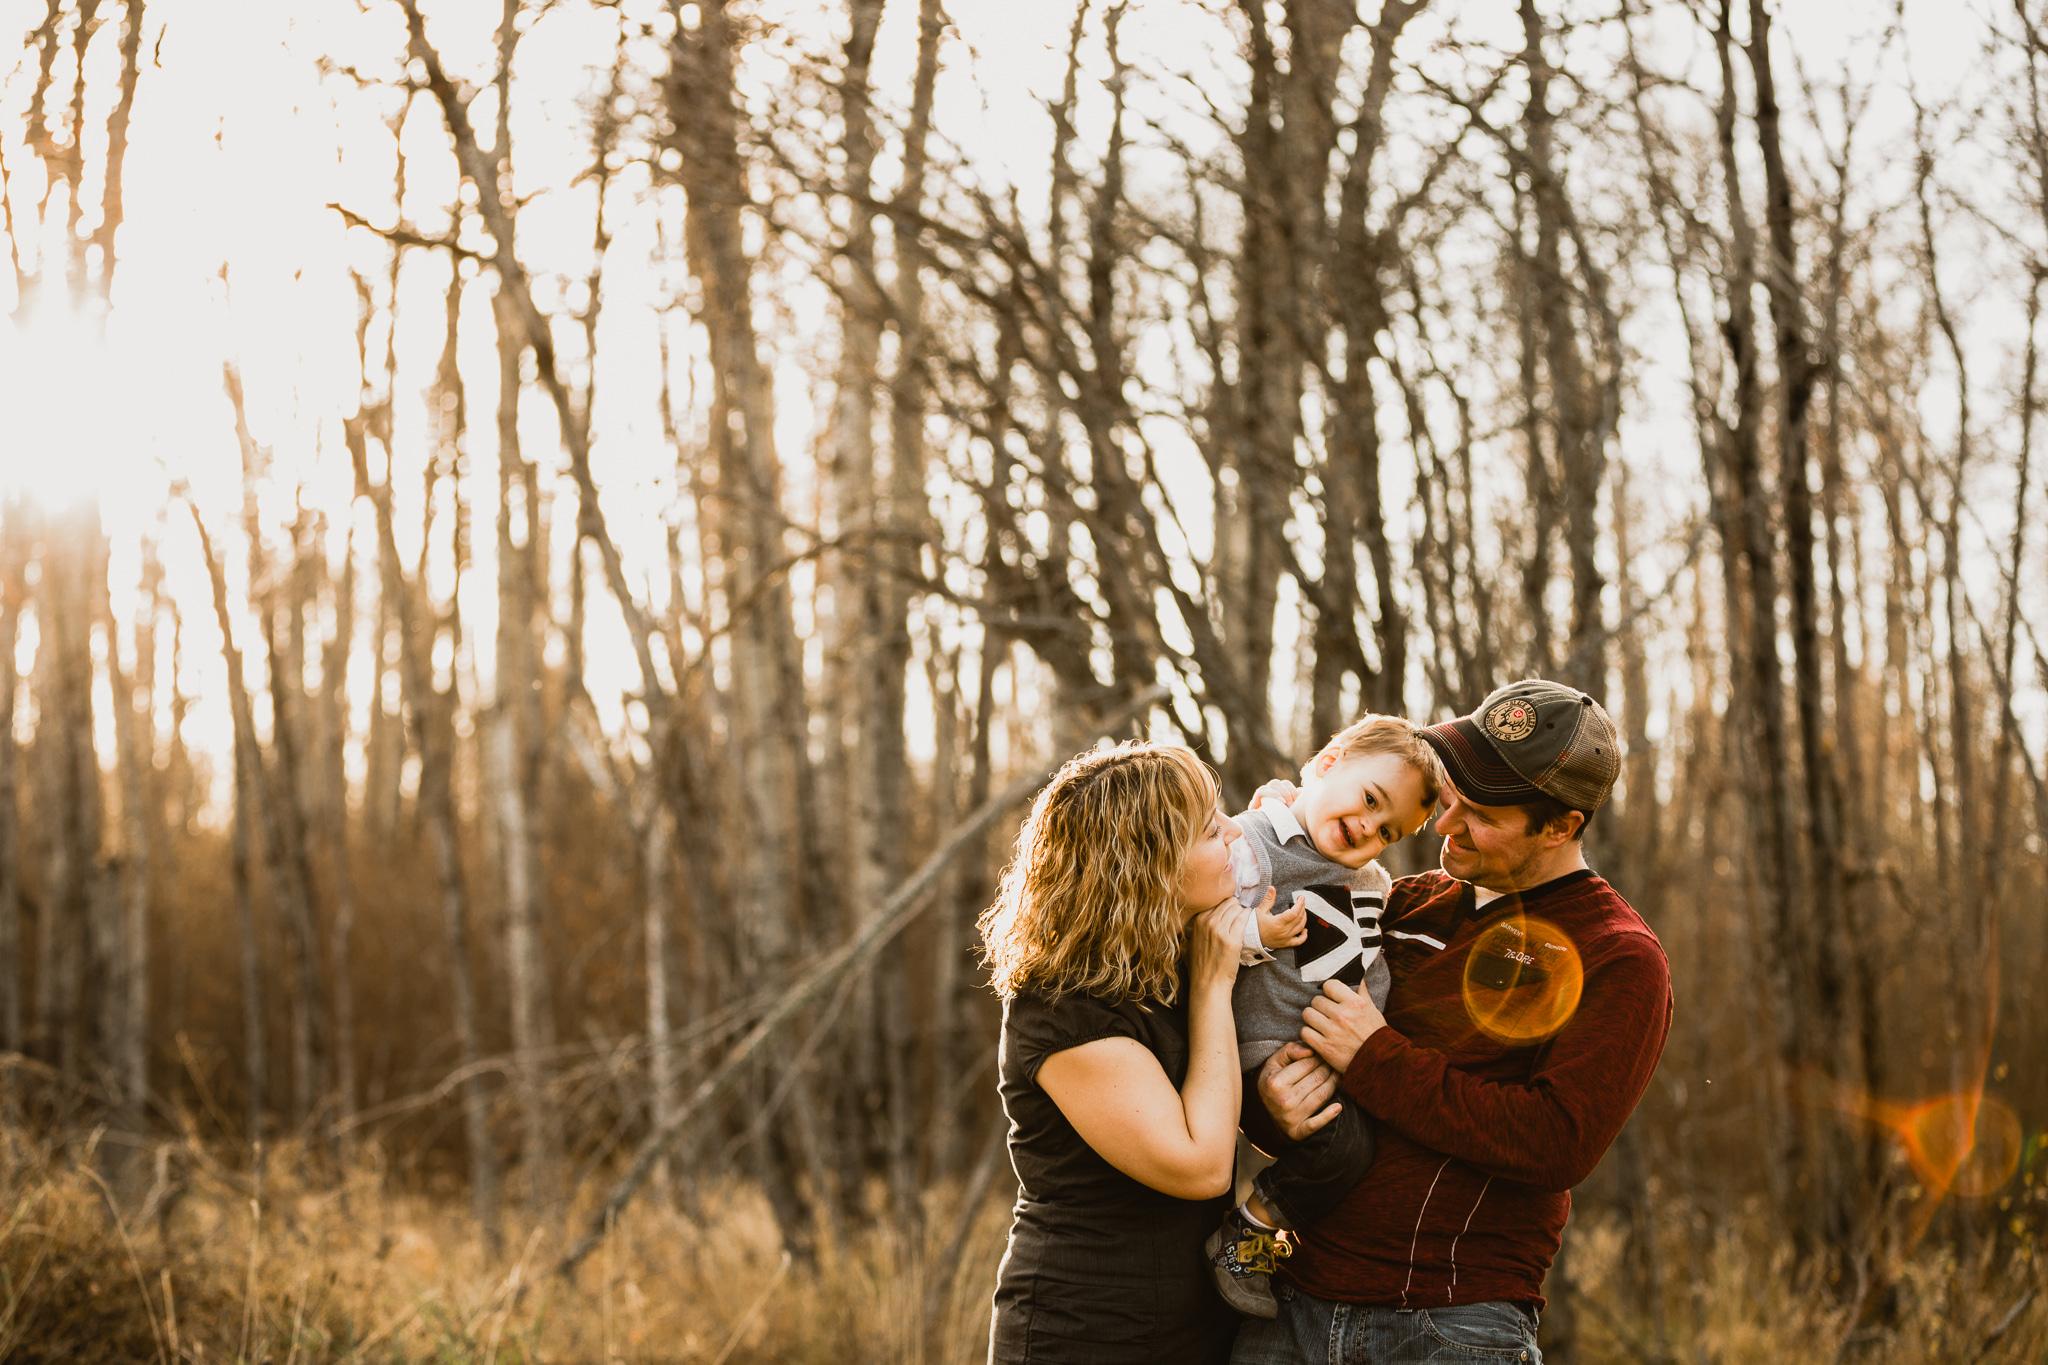 Alina-Joy-Photography-Cold-Lake-Lifestyle-Photographer-56.jpg